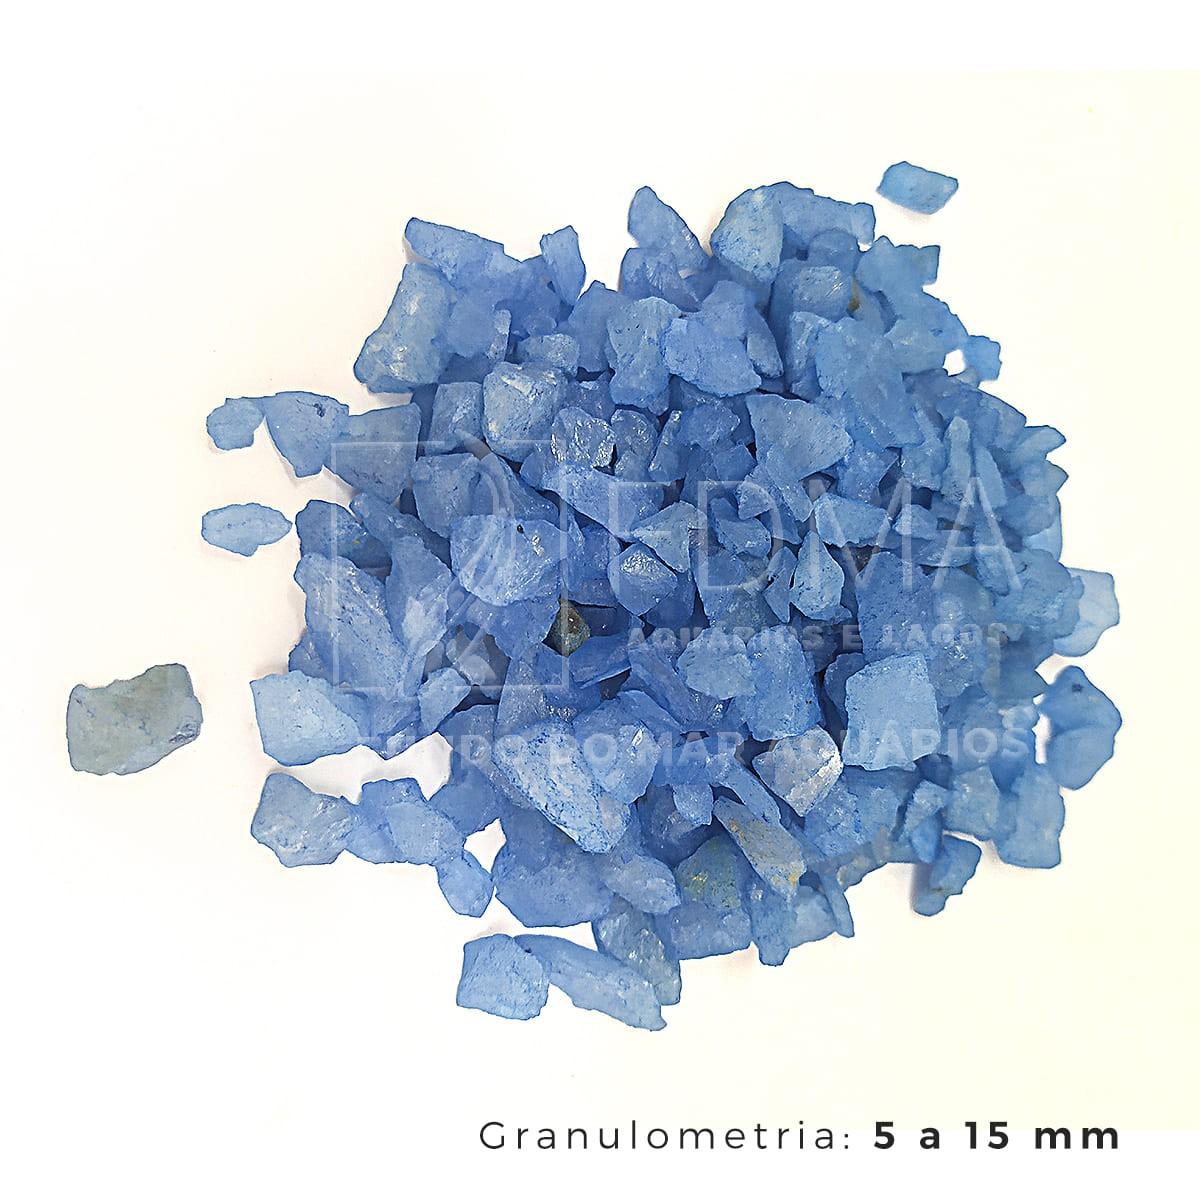 Cristal Quartzo Decoração Aquário e jardim Azul Flúor - 1kg